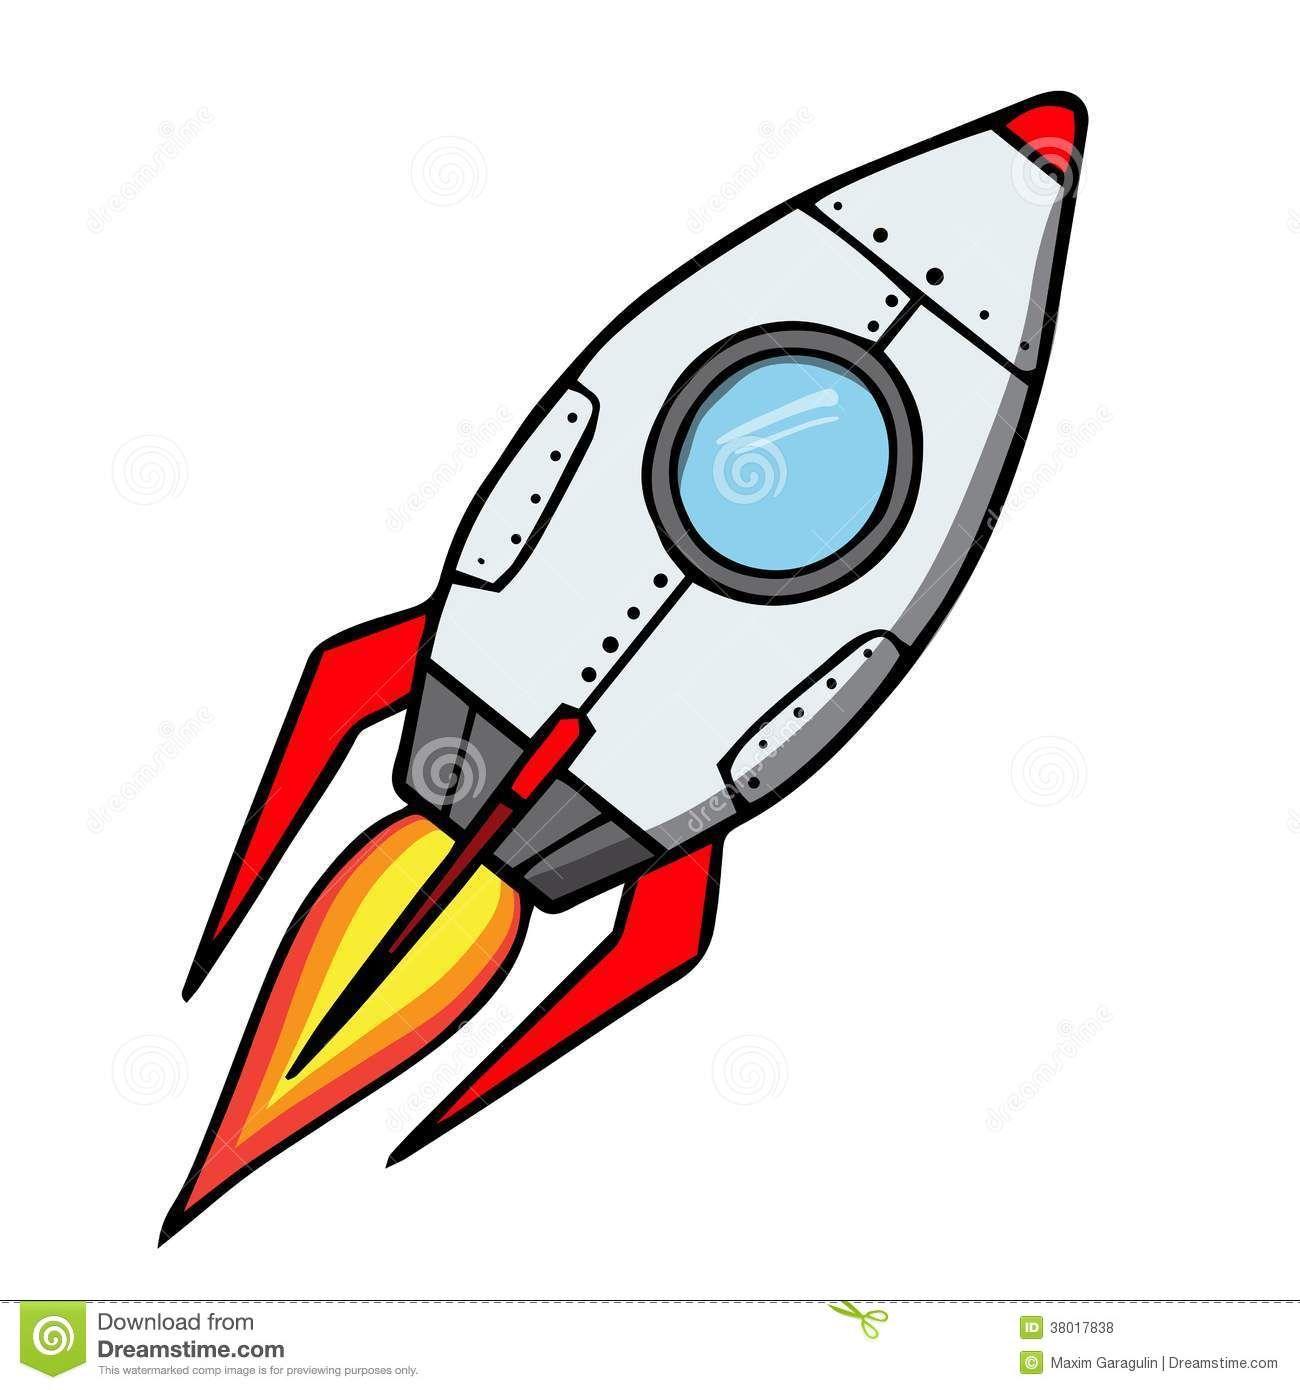 nasa rockets clip art - photo #45